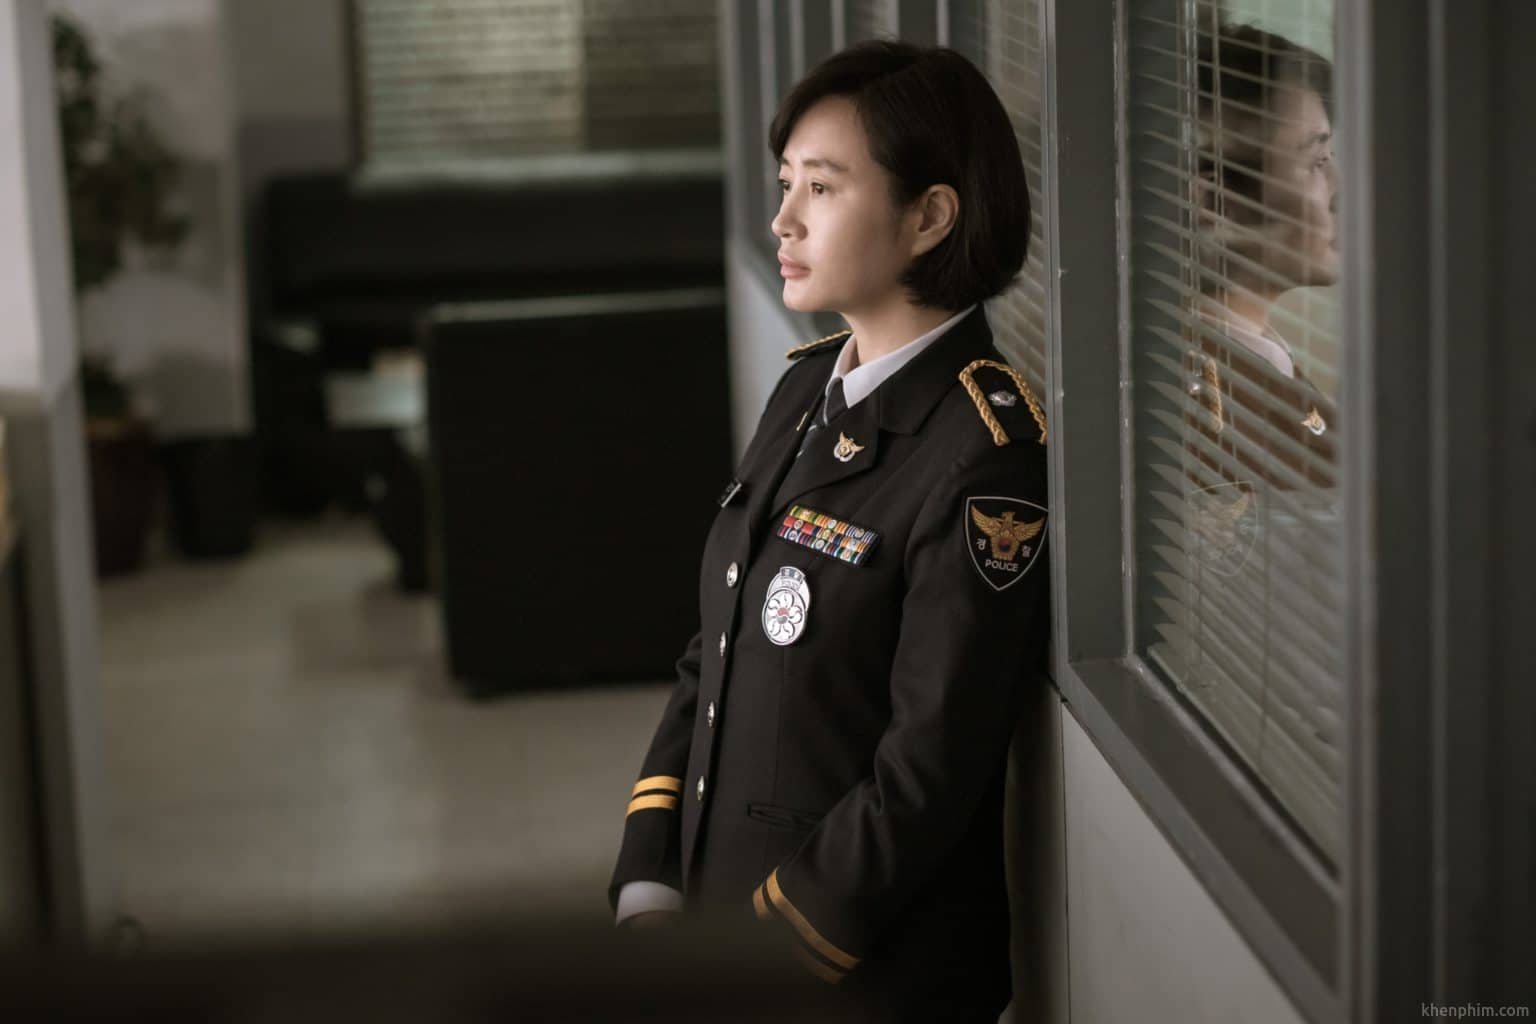 Nữ cảnh sát Kim Hyun Soo trong phim Di Nguyện Bí Ẩn